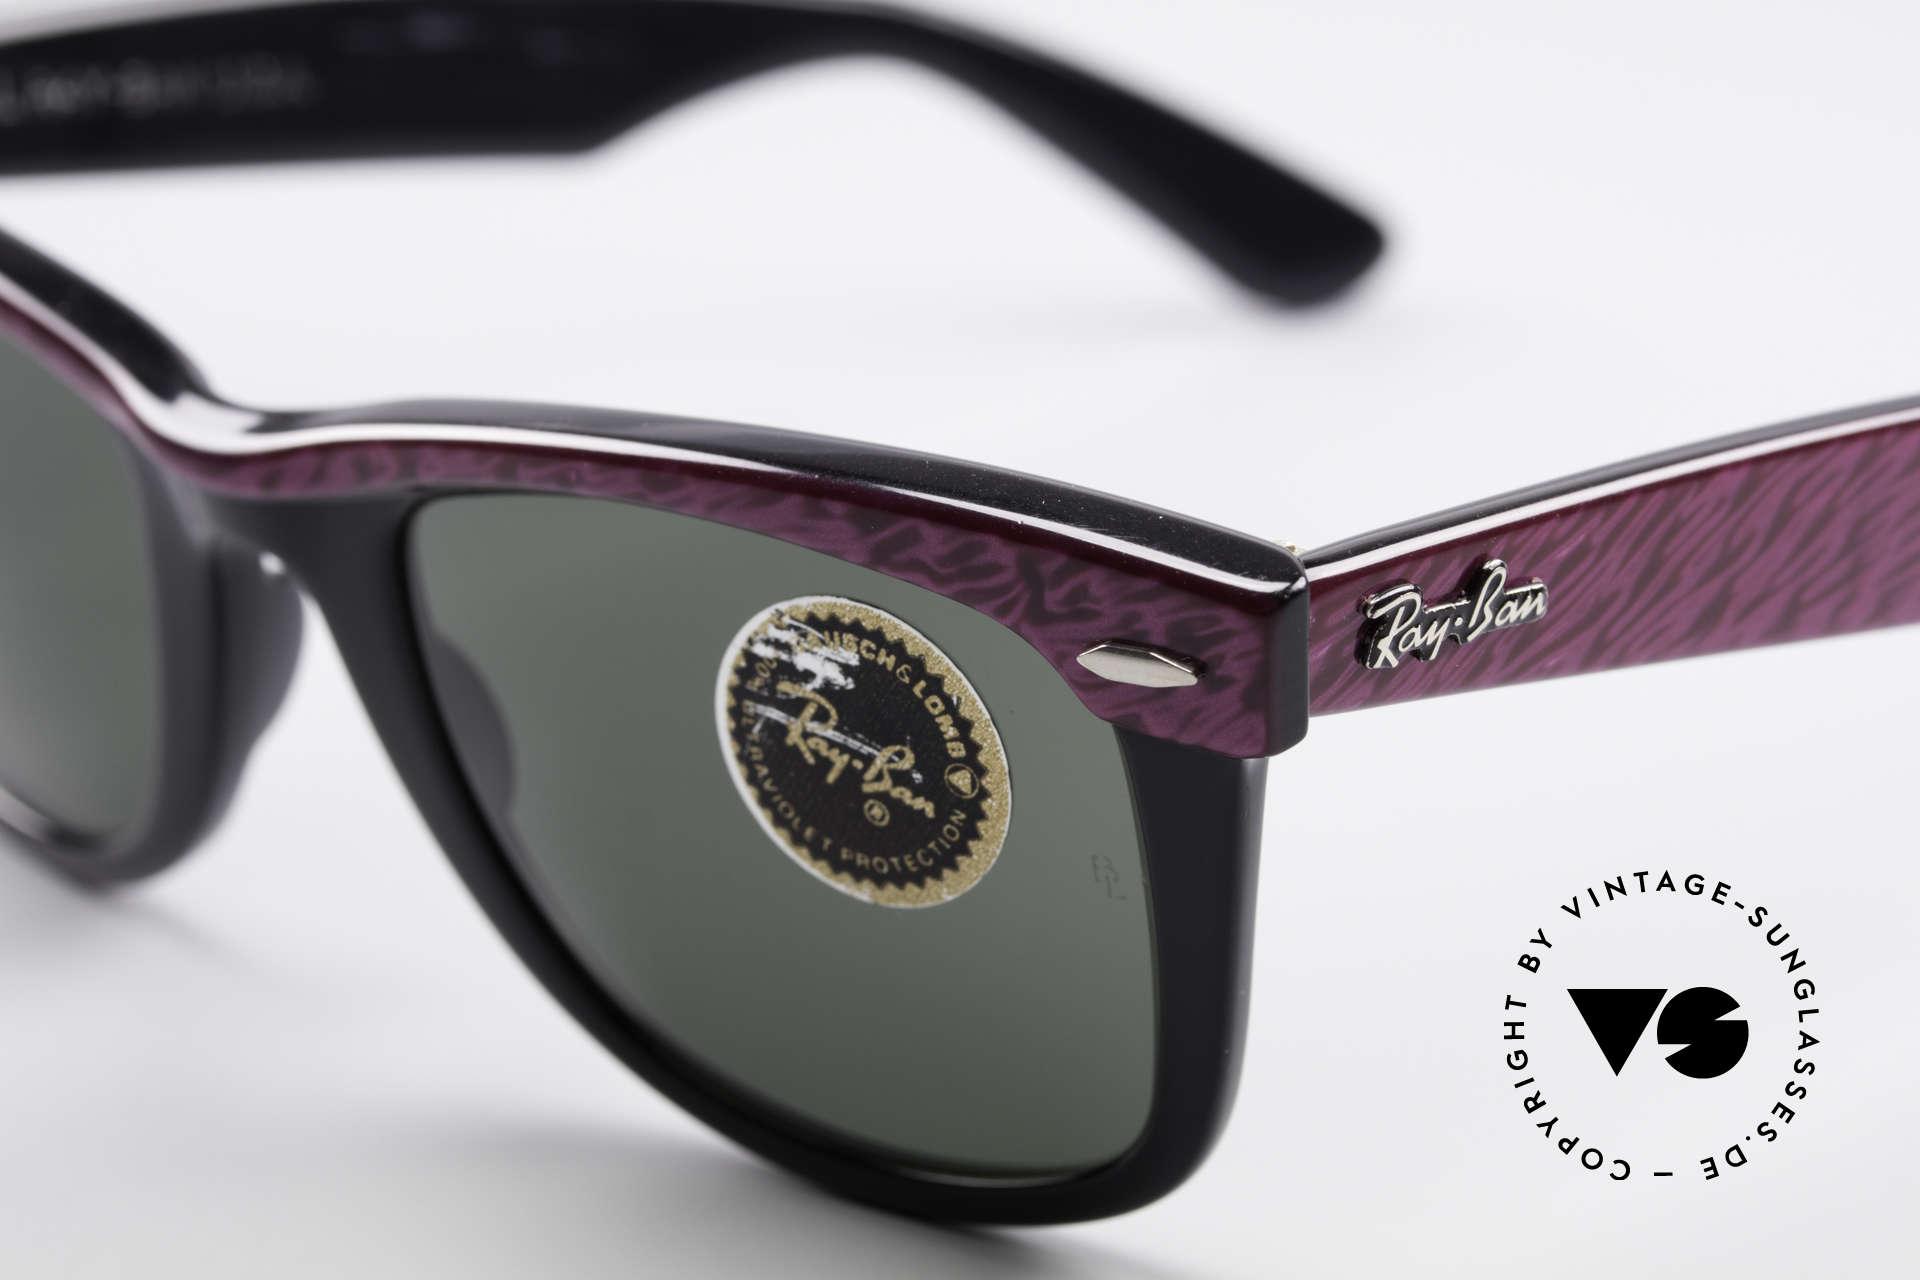 Ray Ban Wayfarer I 80er Sonnenbrille B&L USA, mit Bausch&Lomb Mineralgläsern; 100% UV Schutz, Passend für Damen